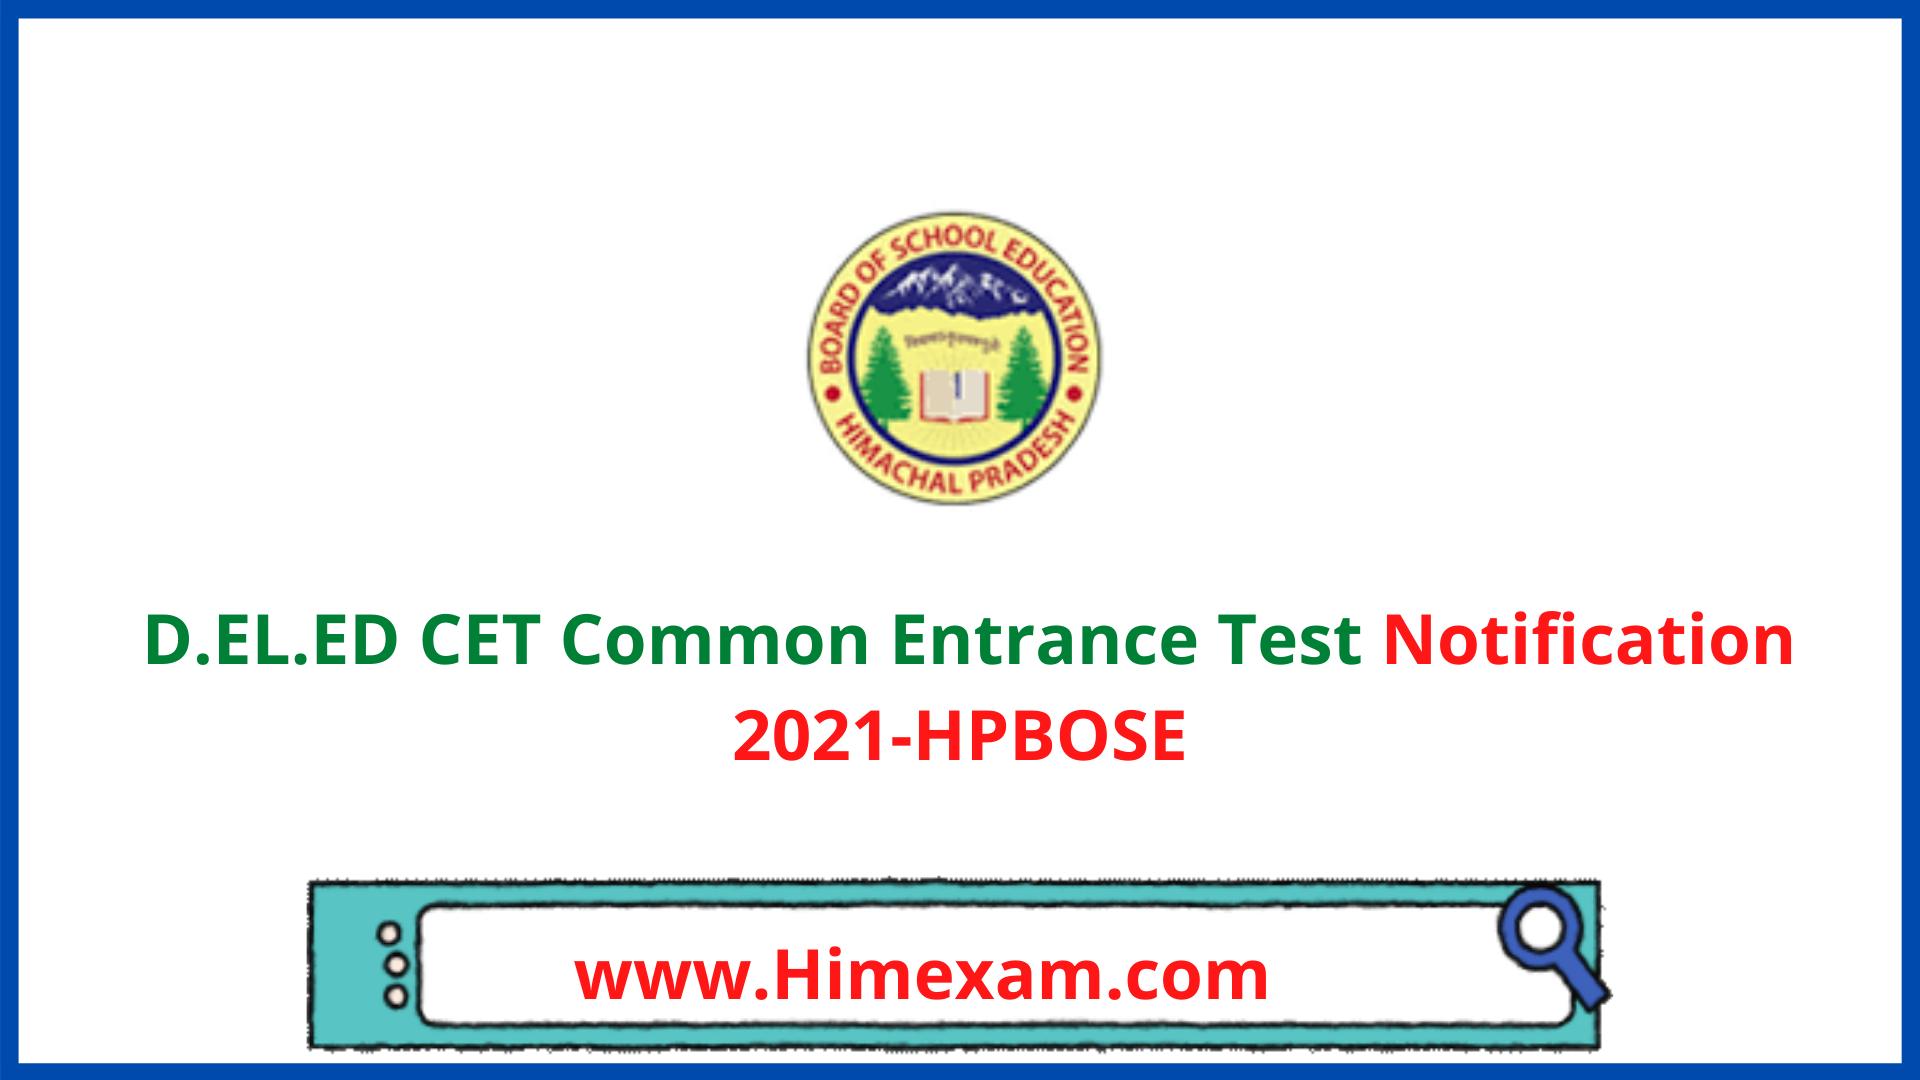 D.EL.ED CET Common Entrance Test  Notification 2021-HPBOSE